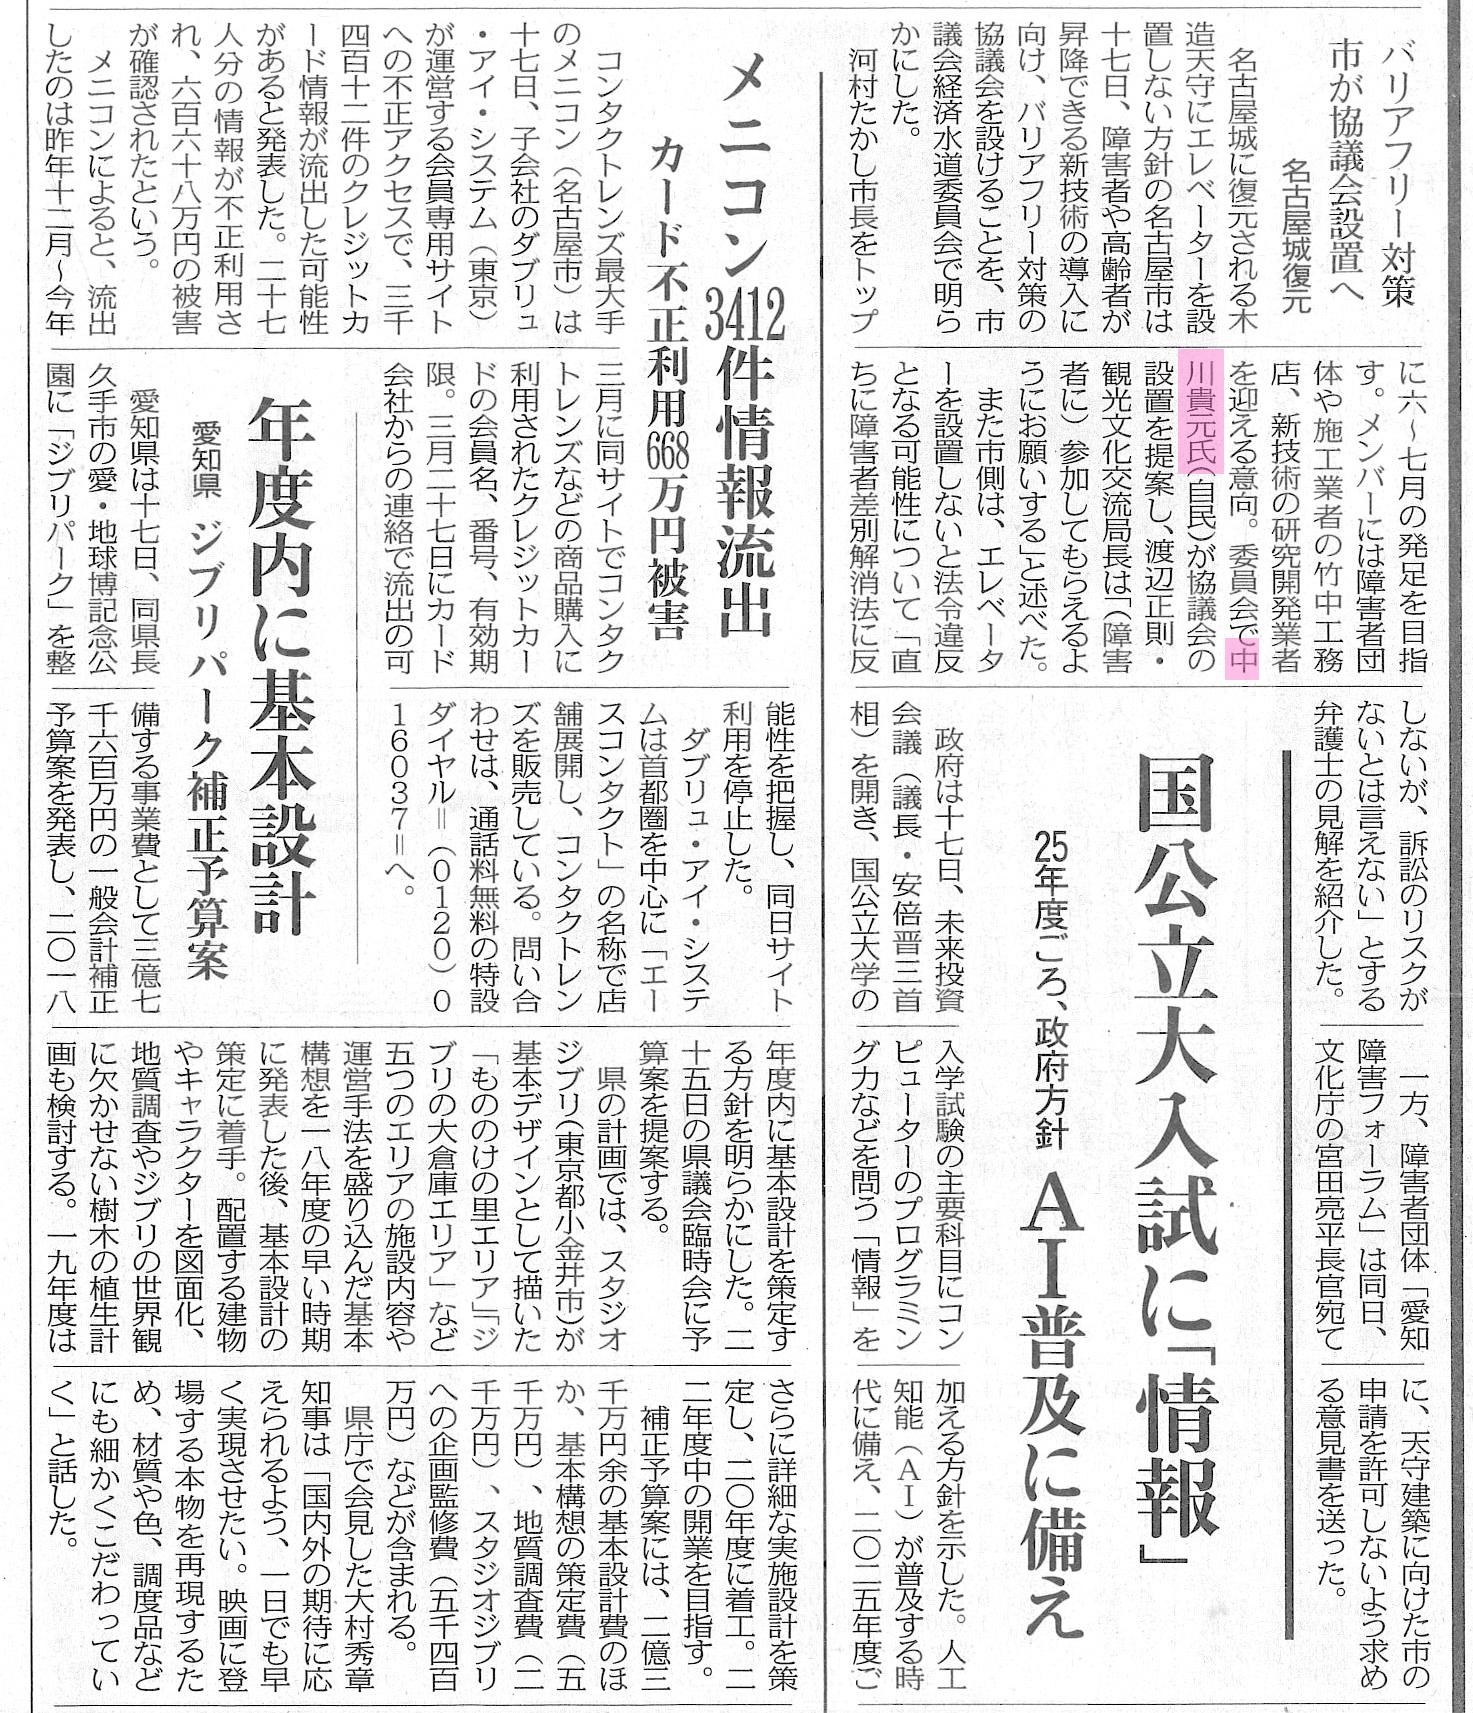 中日新聞(名古屋城バリアフリー対策)